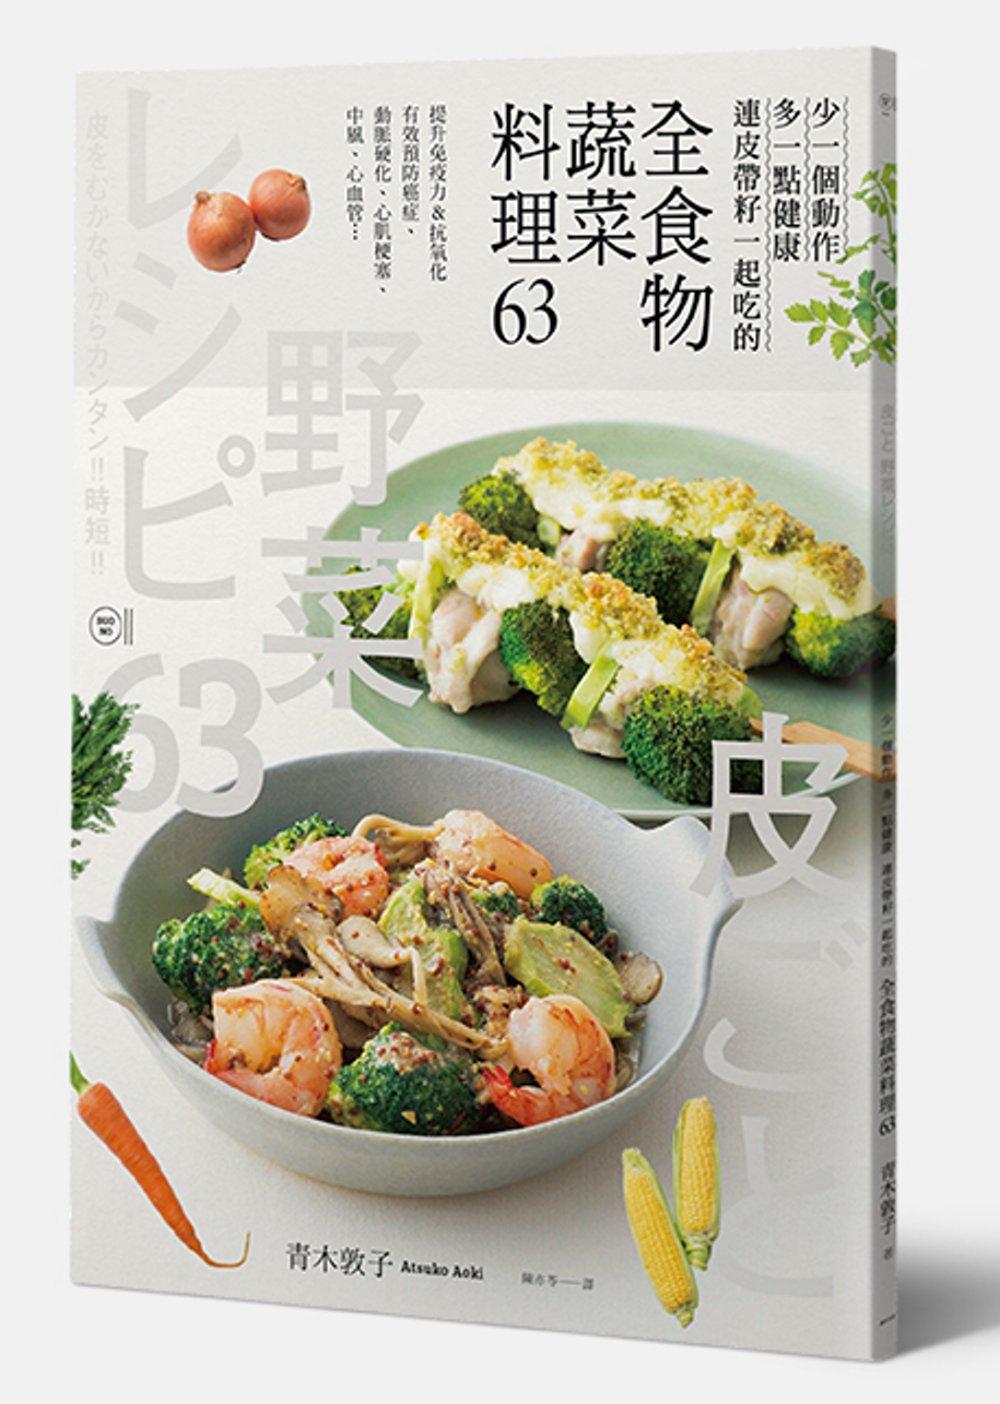 全食物蔬菜料理63:少一個動作+多一點健康 連皮帶籽一起吃的